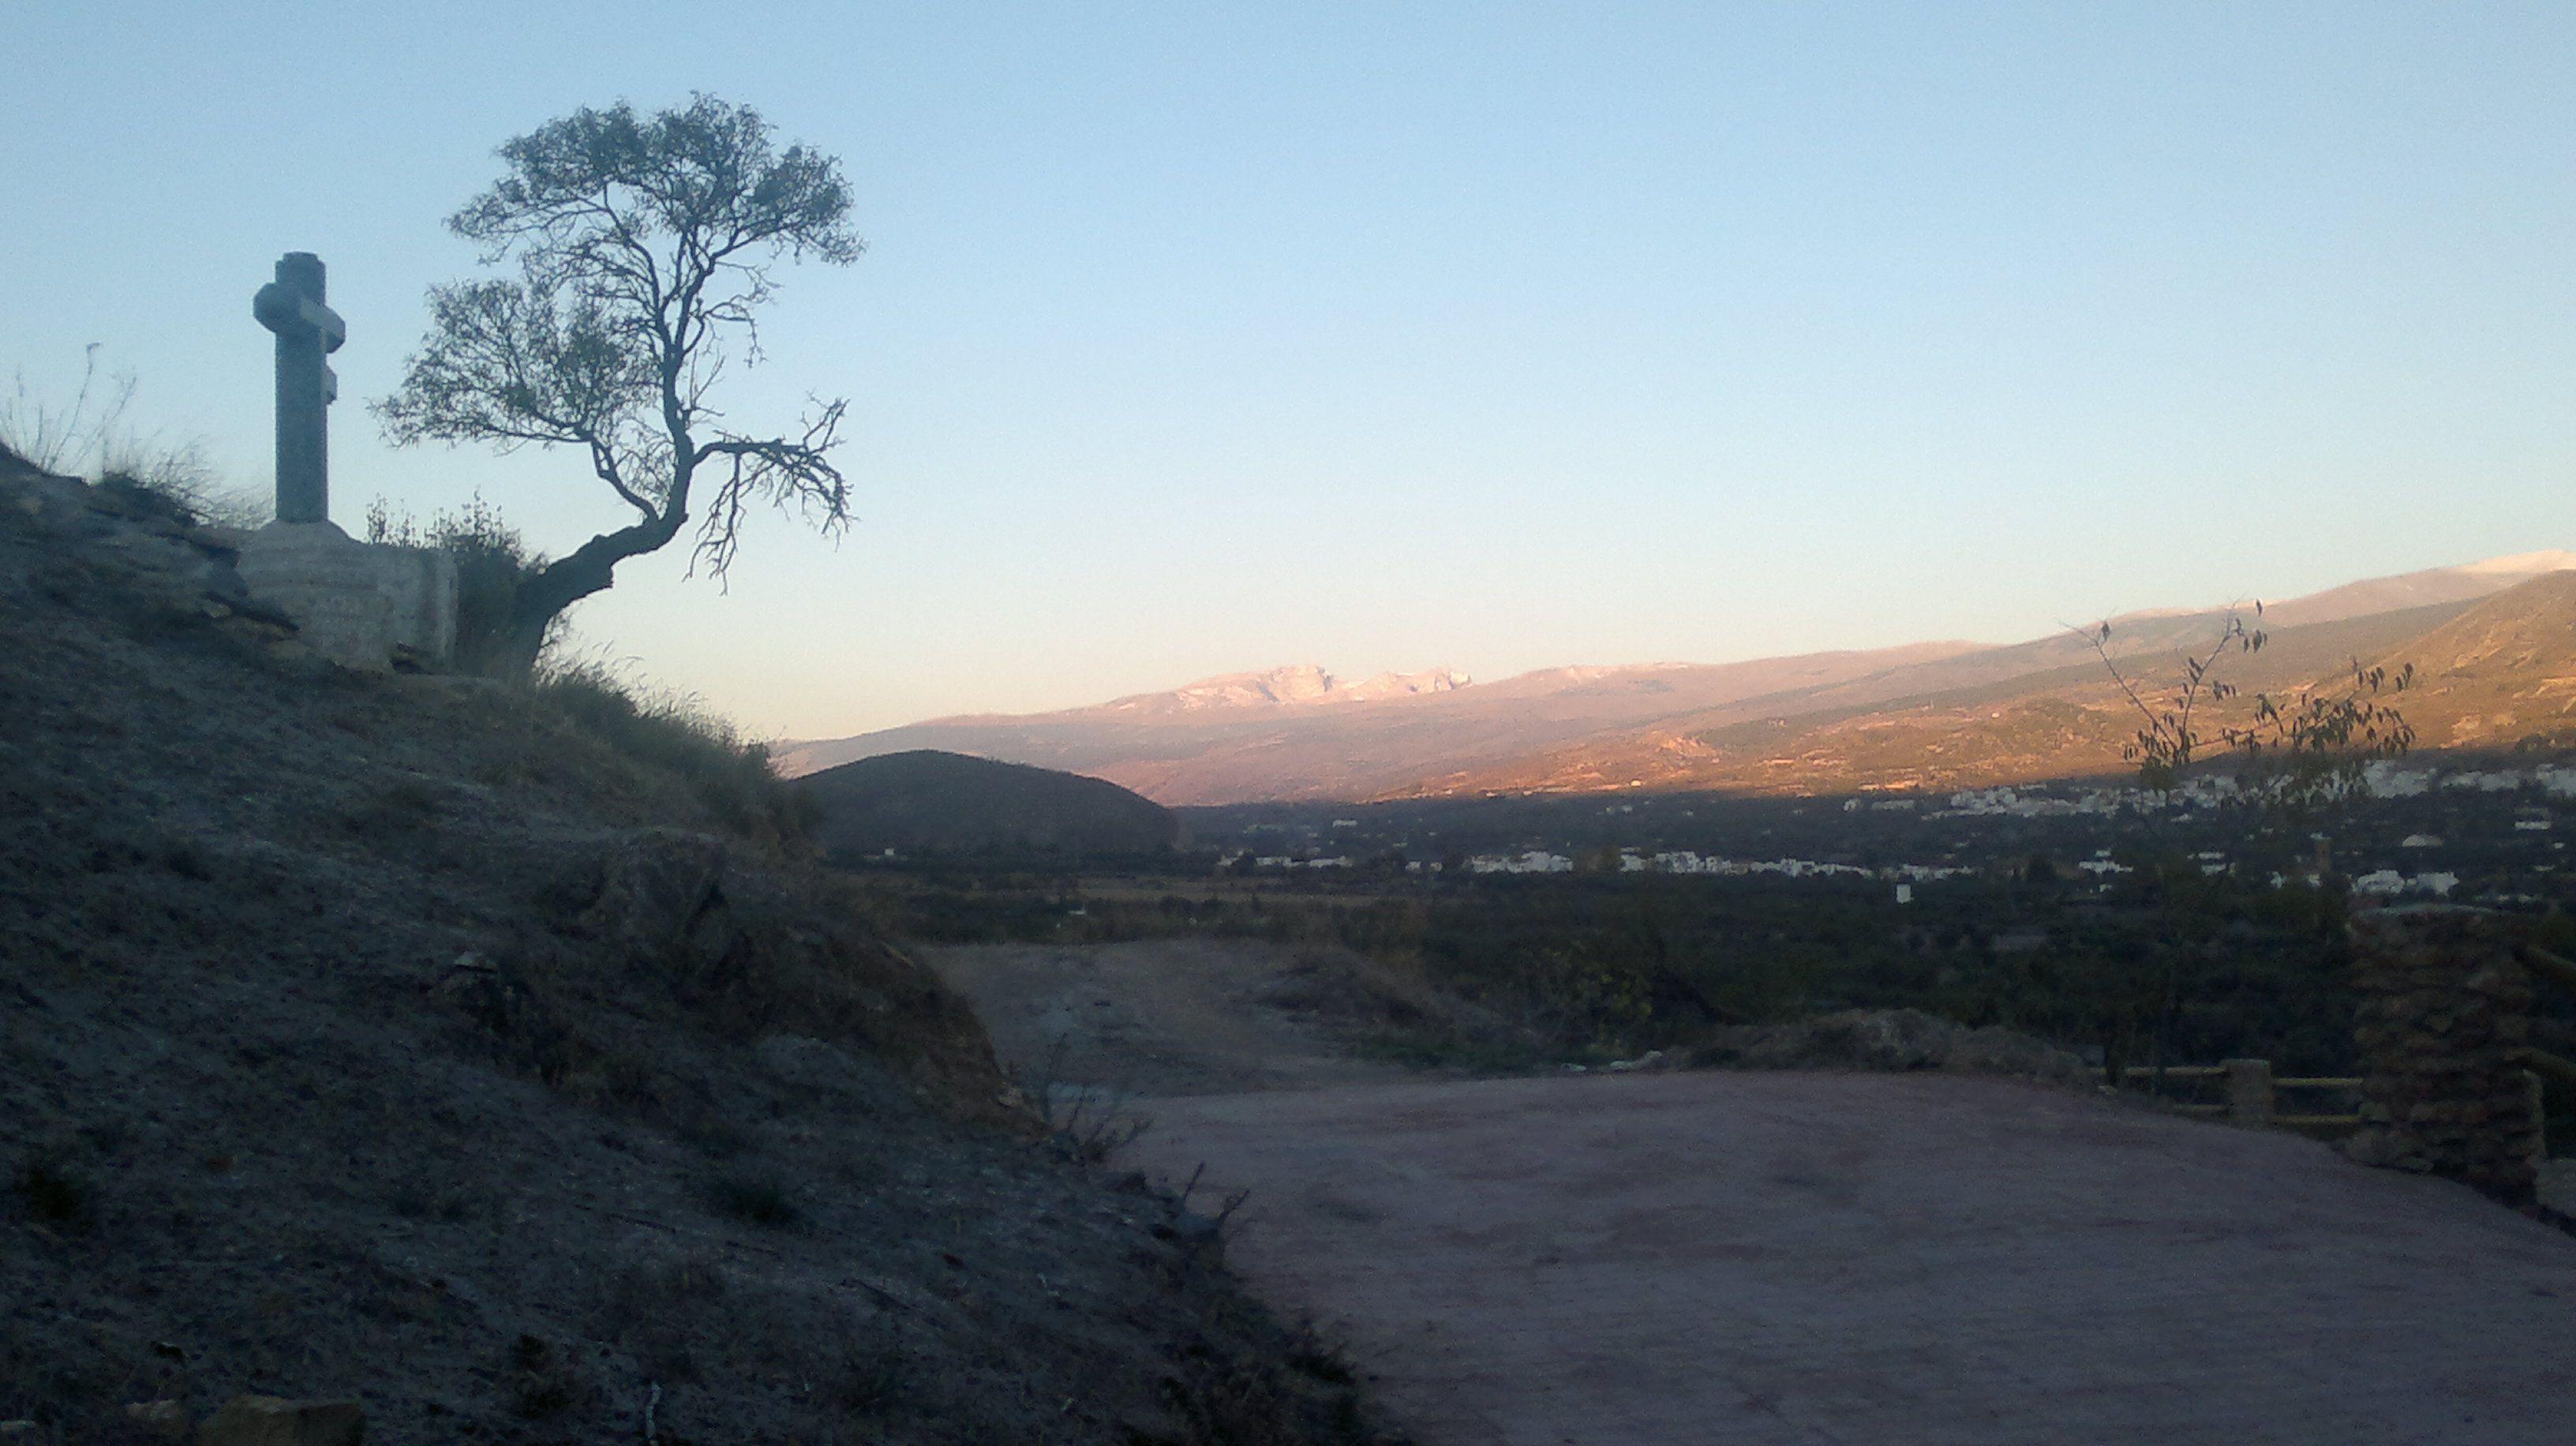 Fondón, el atardecer en el Calvario, con maravillosas vistas del Mulhacén, la Alcazaba, y el Parque Nacional de Sierra Nevada.